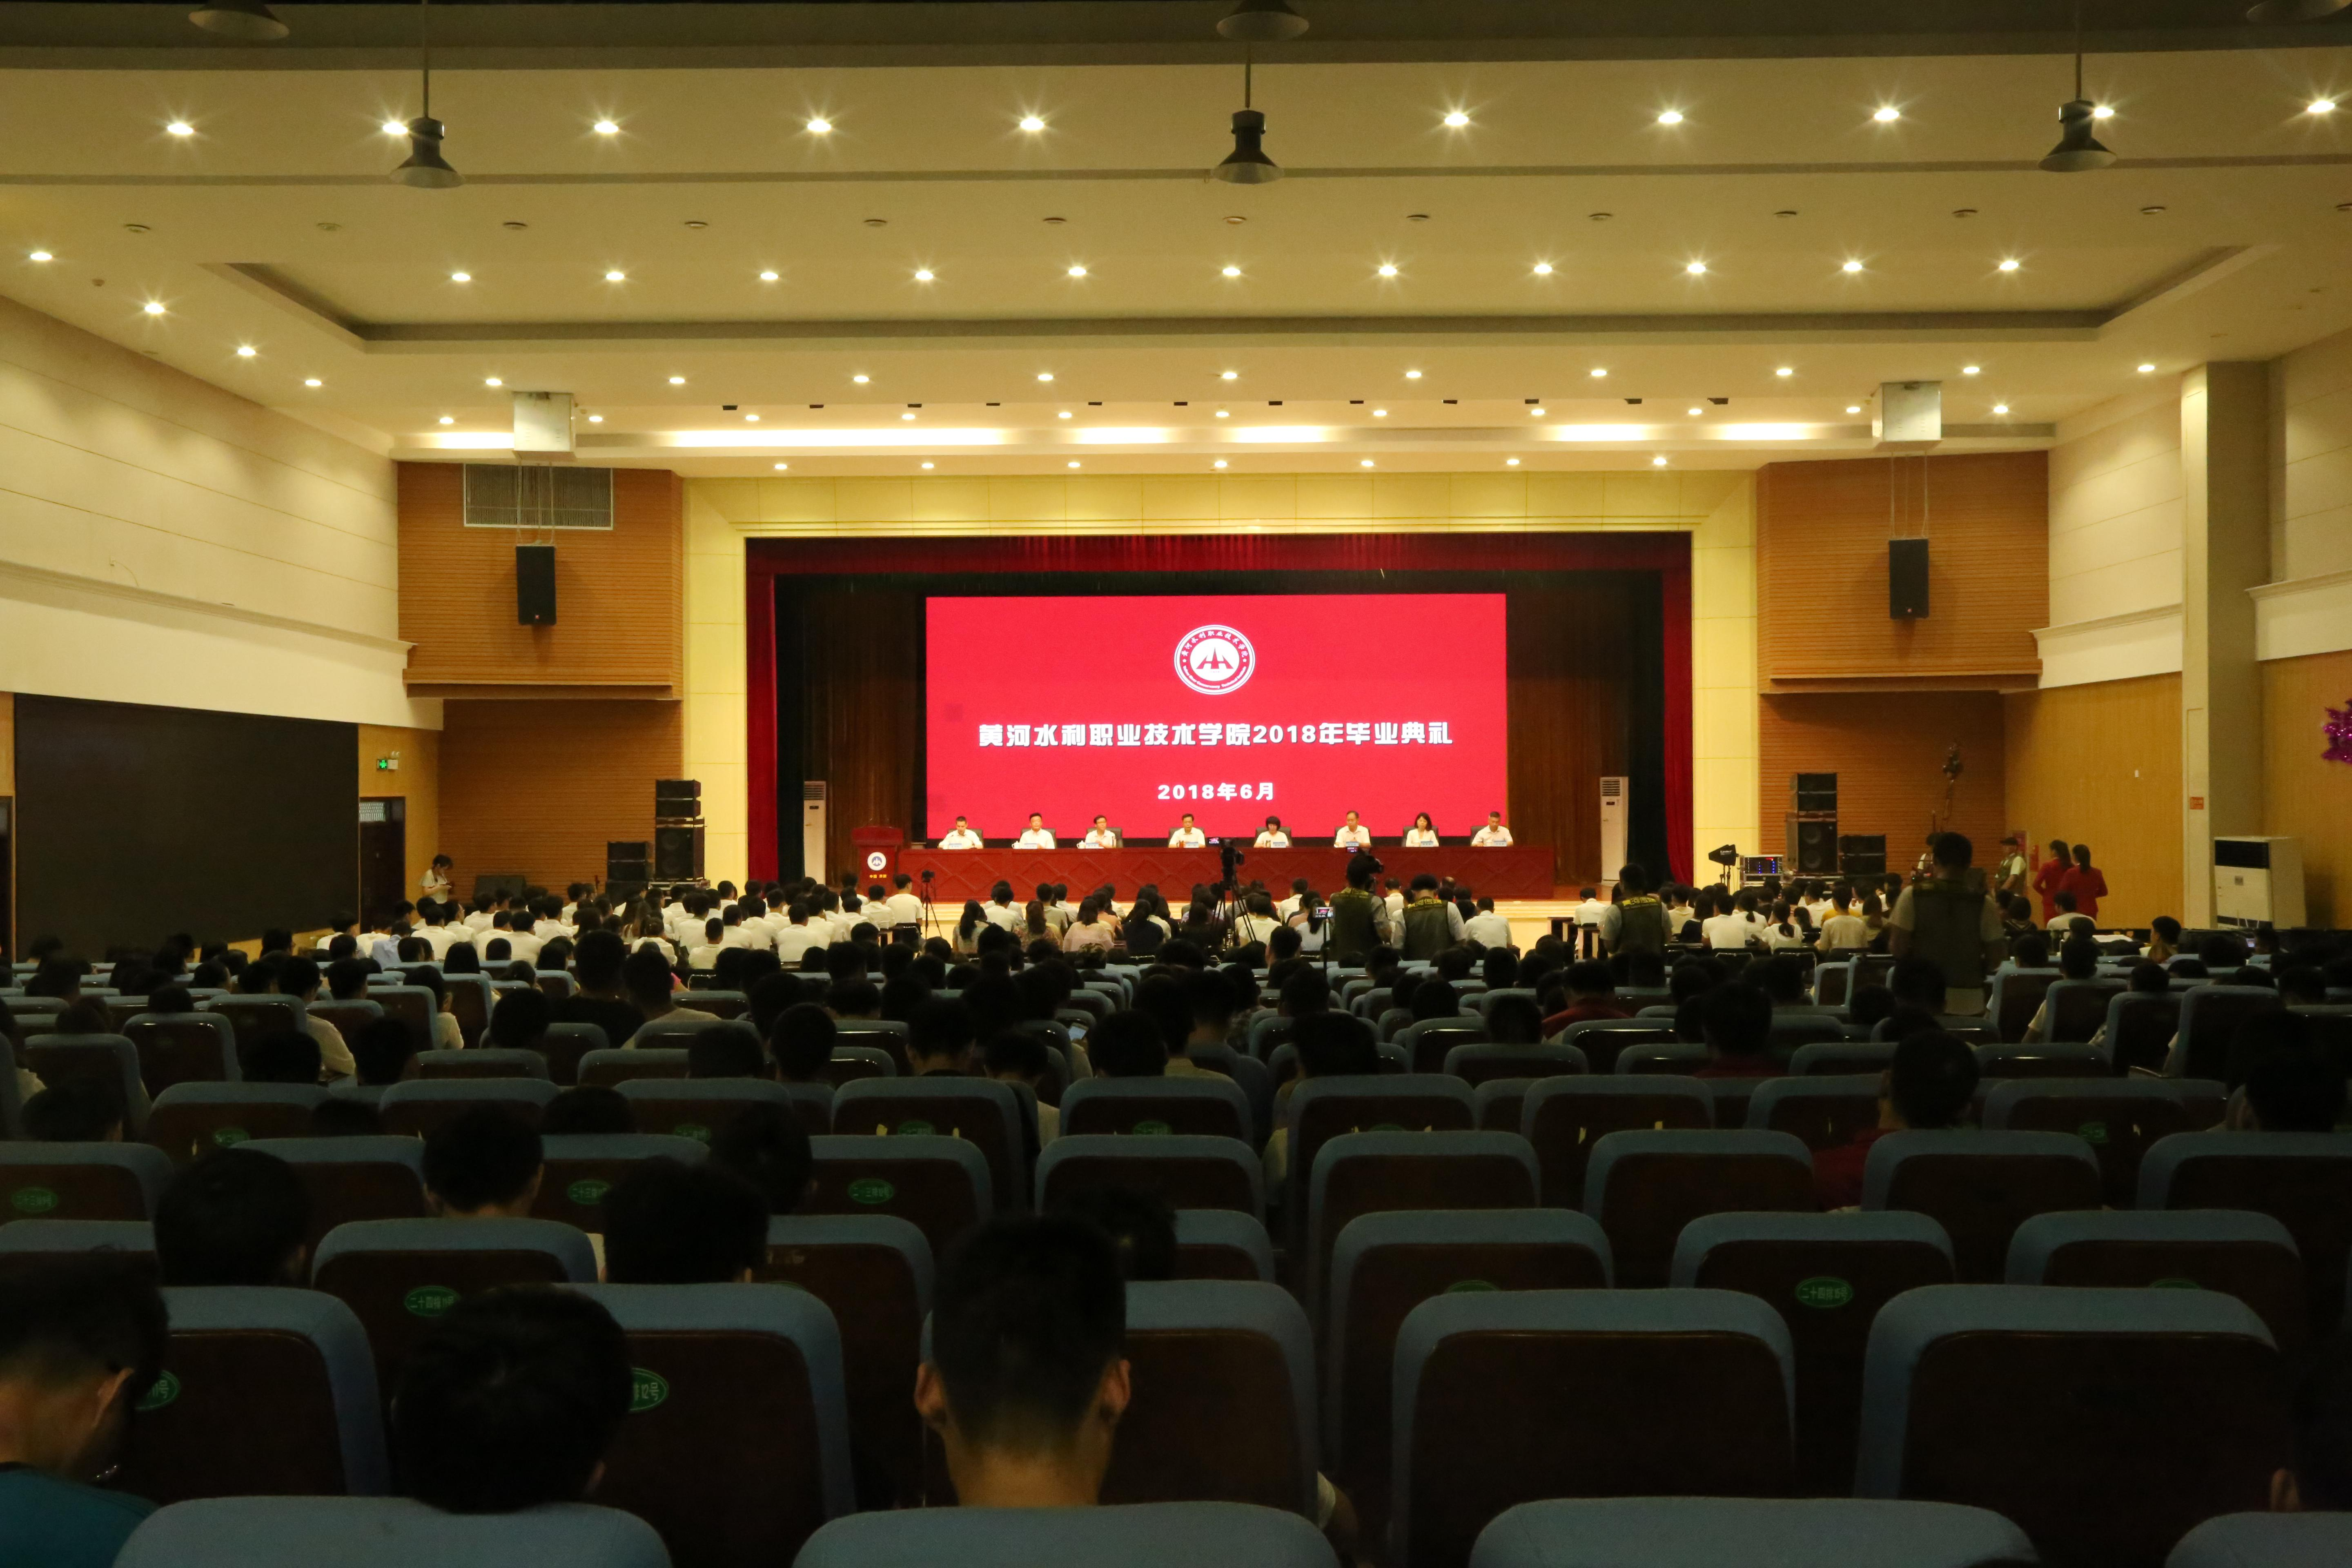 黄河水利职业技术学院隆重举行2018届学生毕业典礼